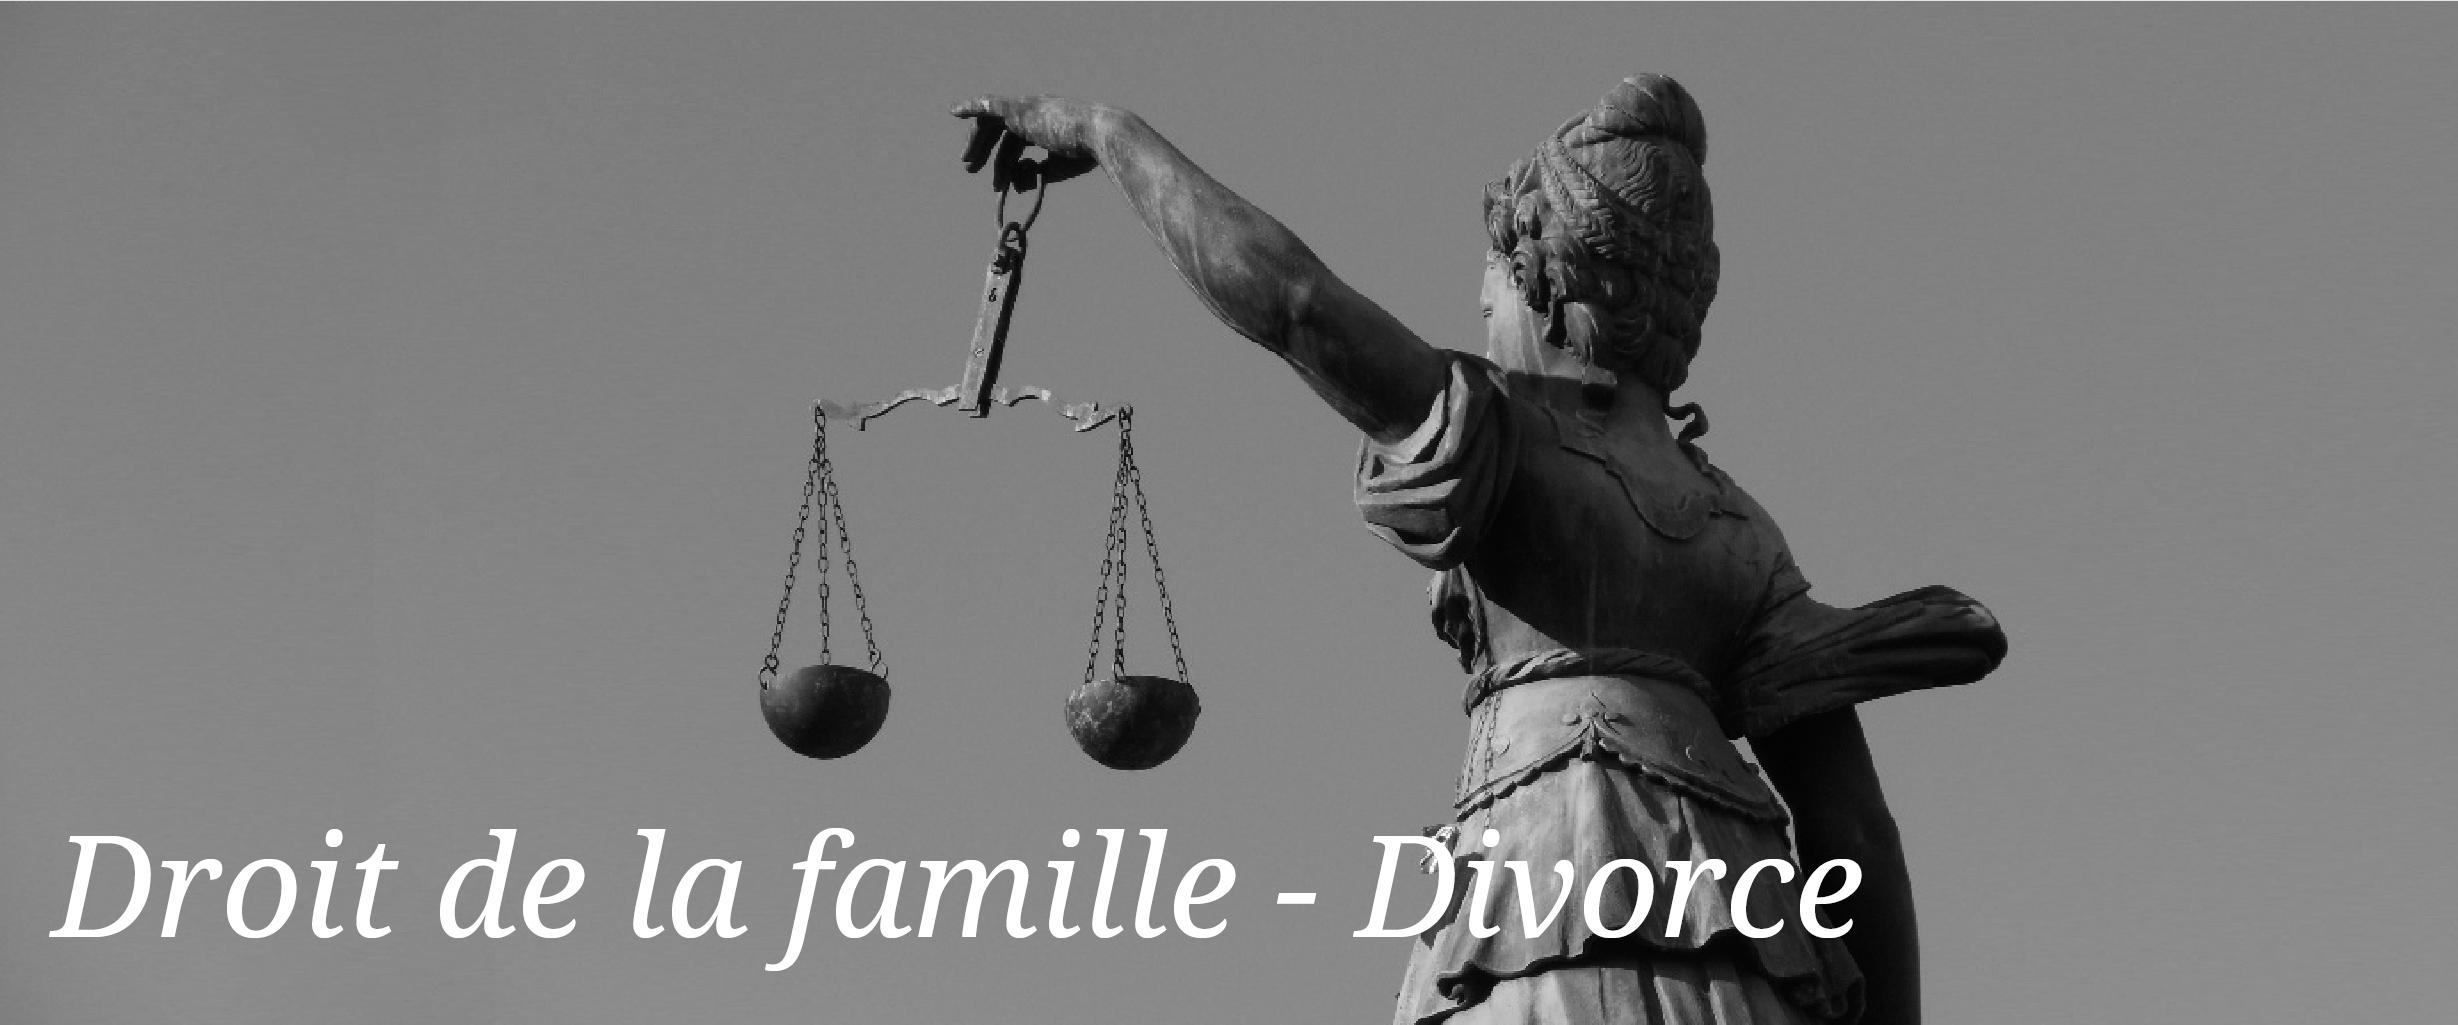 AvocatSecci -Droit De La Famille - Divorce